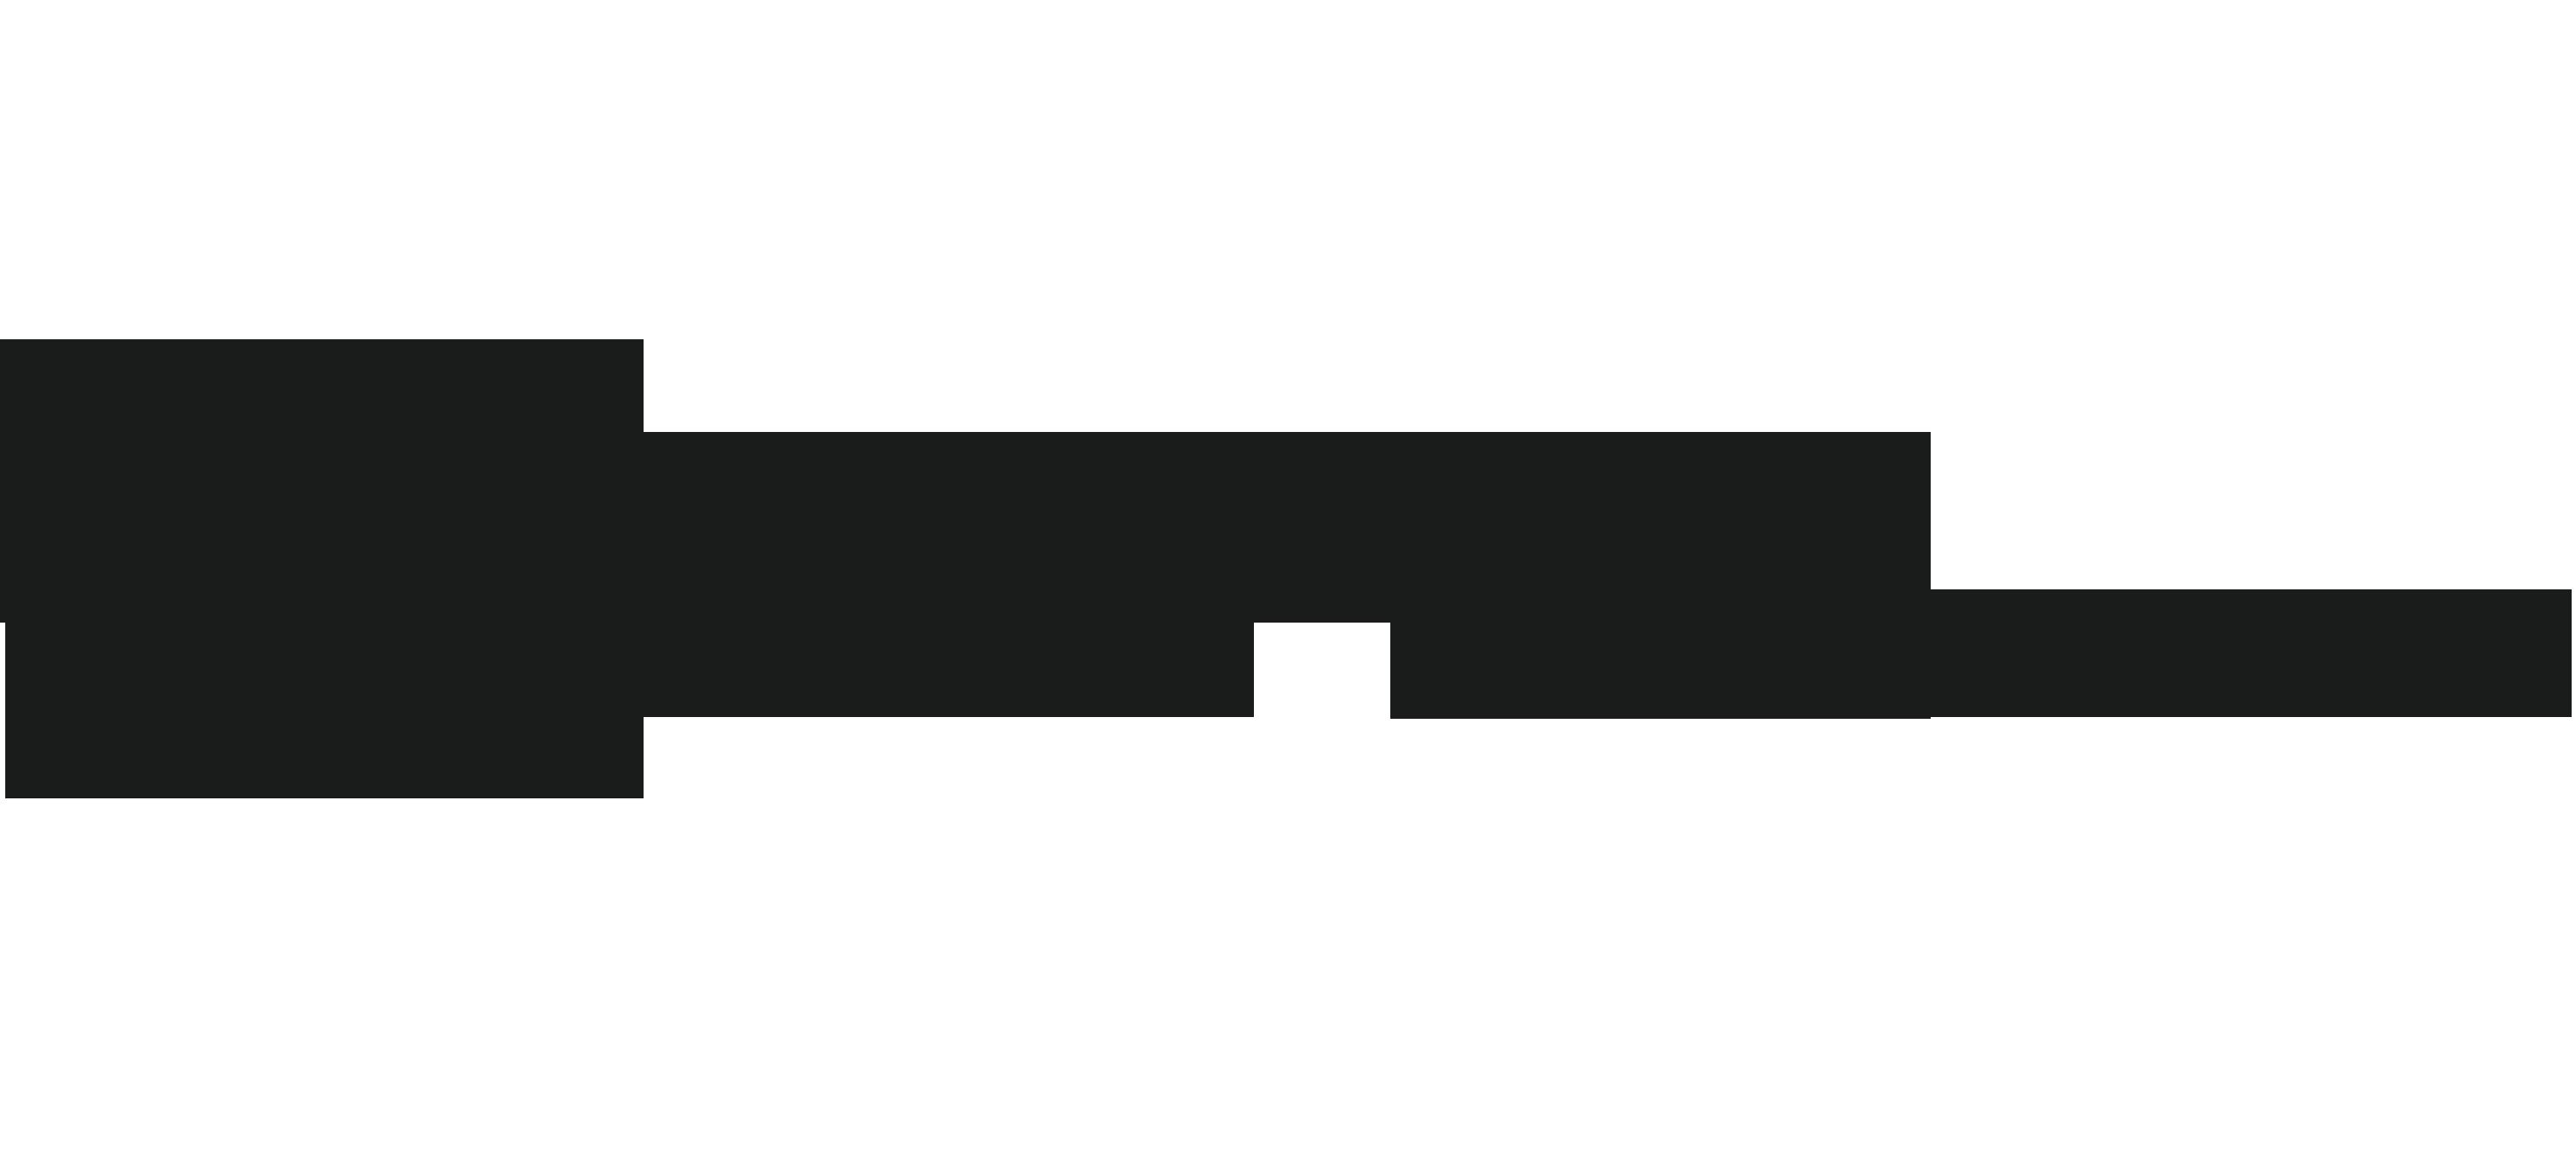 Rakennuspalvelu Pekka Tanskanen Oy